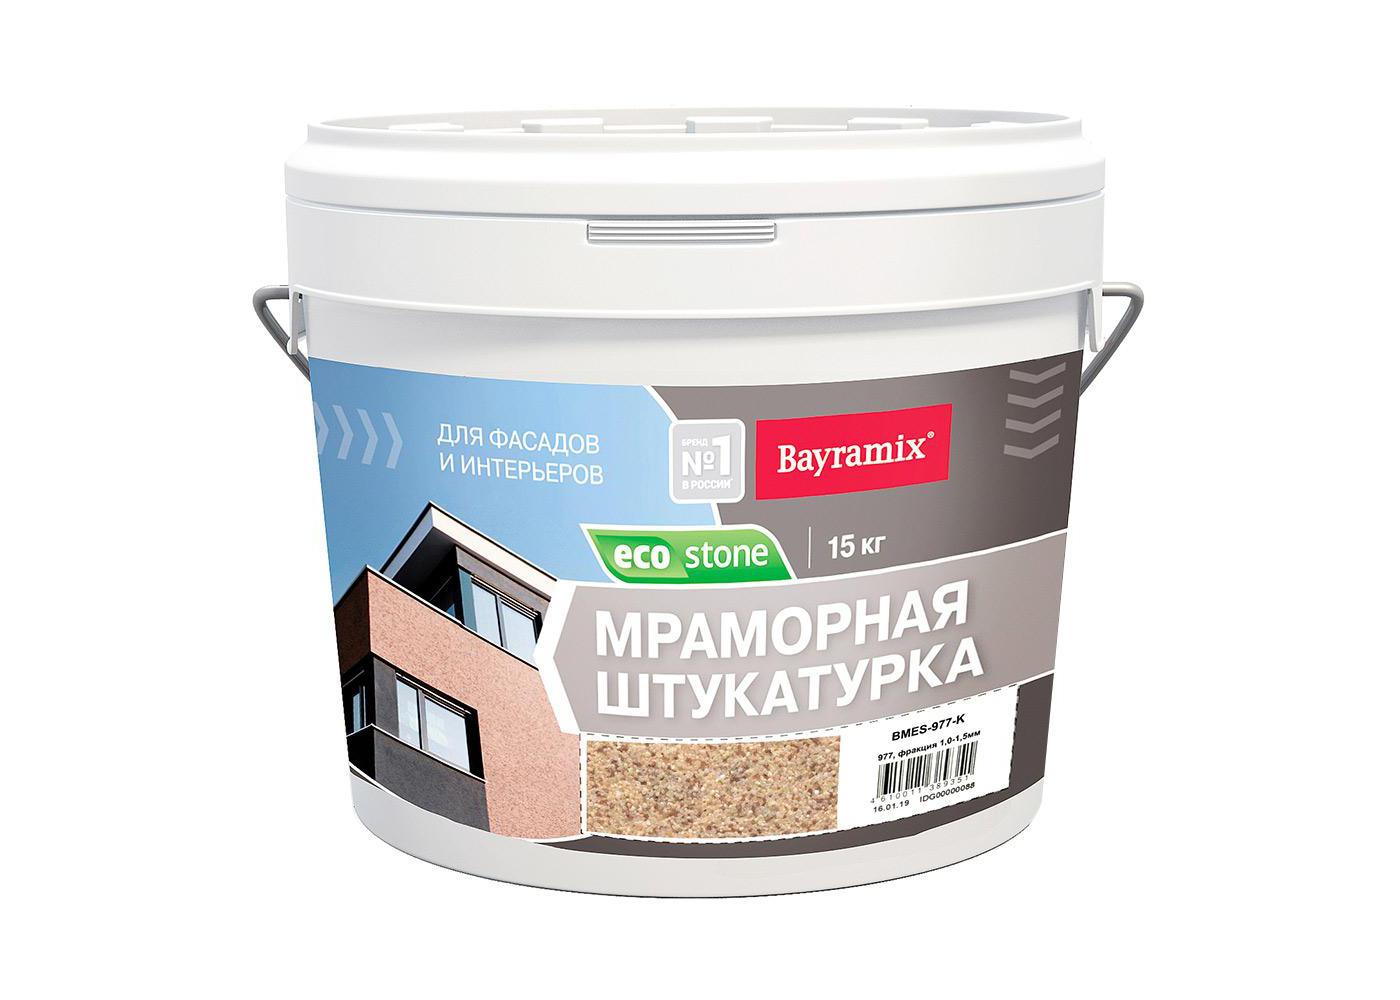 Мраморная штукатурка Bayramix